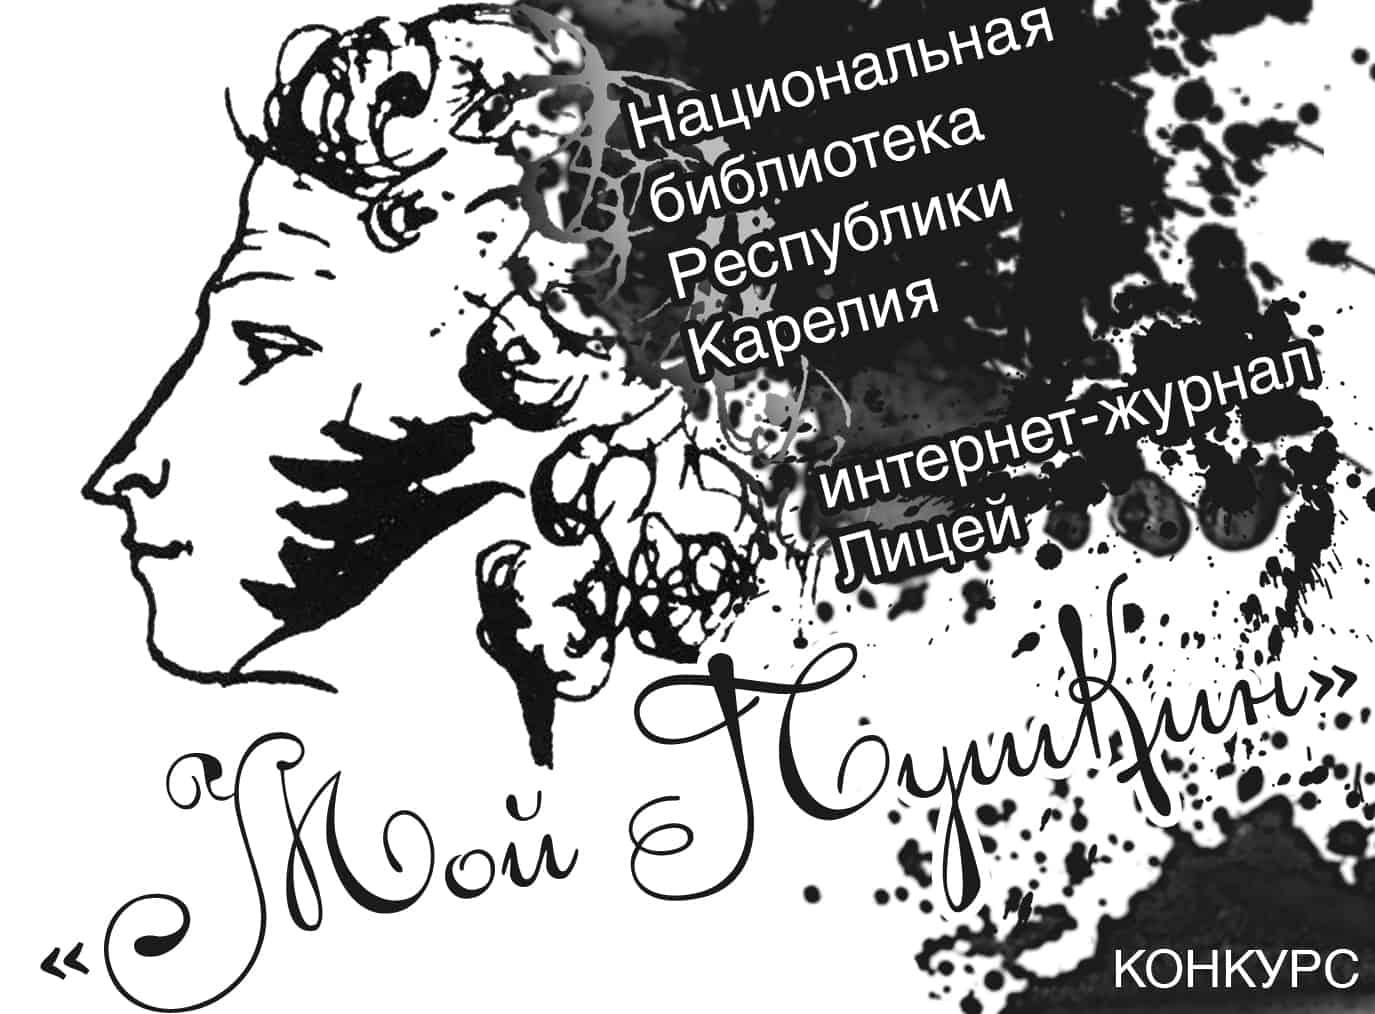 Конкурс «Мой Пушкин»: старт дан!